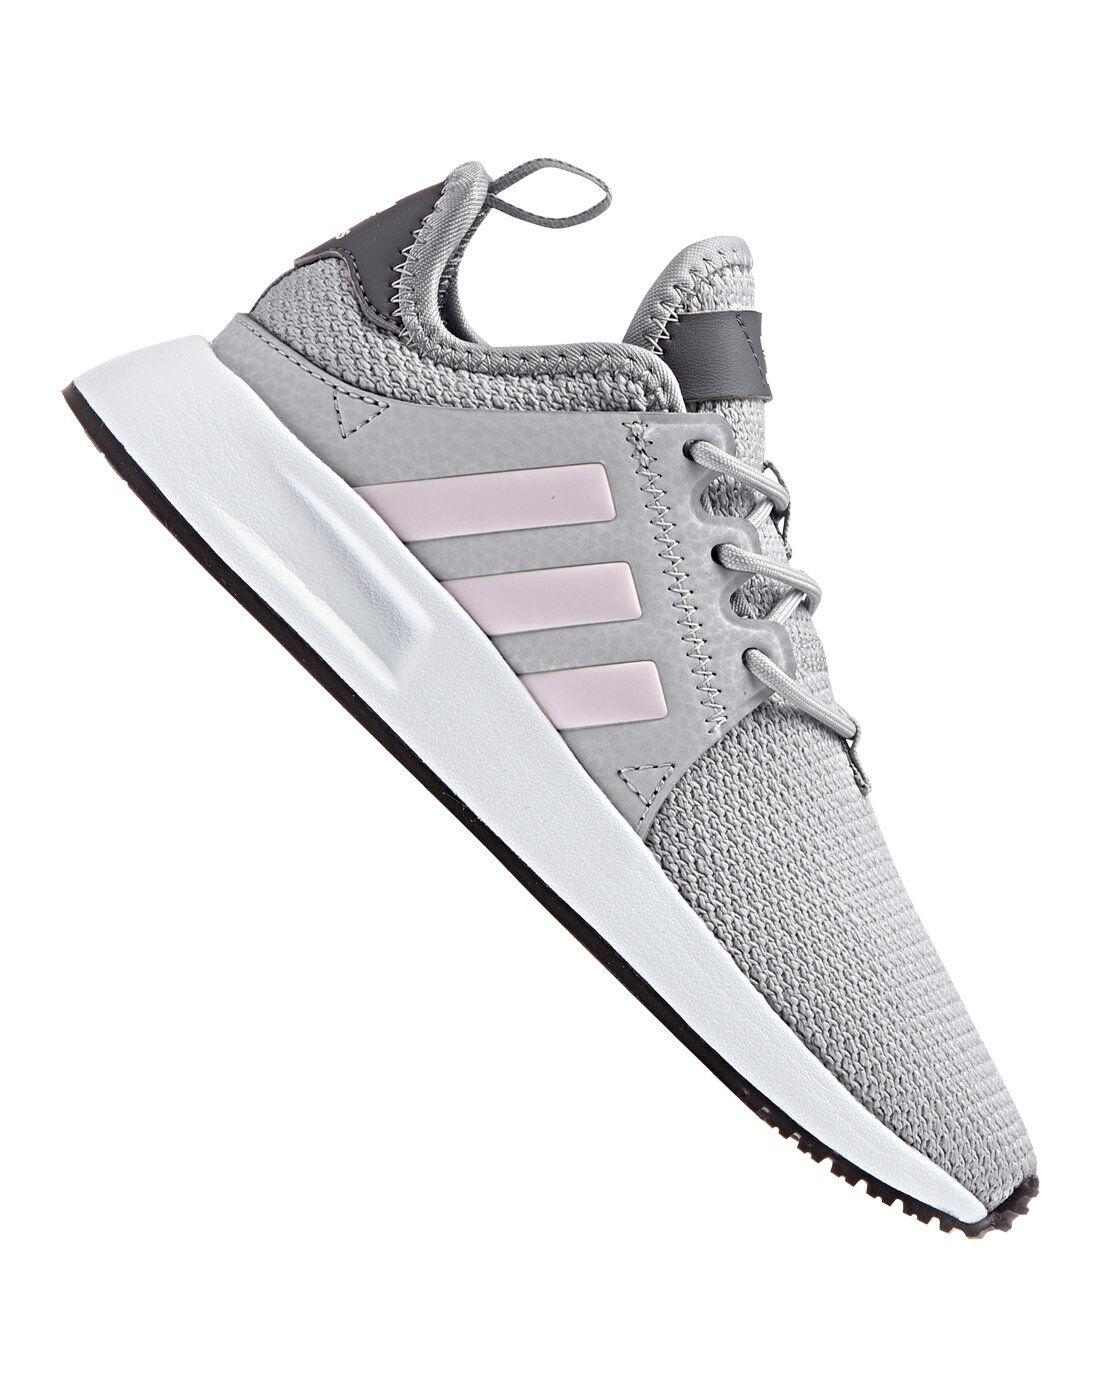 I ragazzi adidas originali xplr grey dello stile di vita sportiva